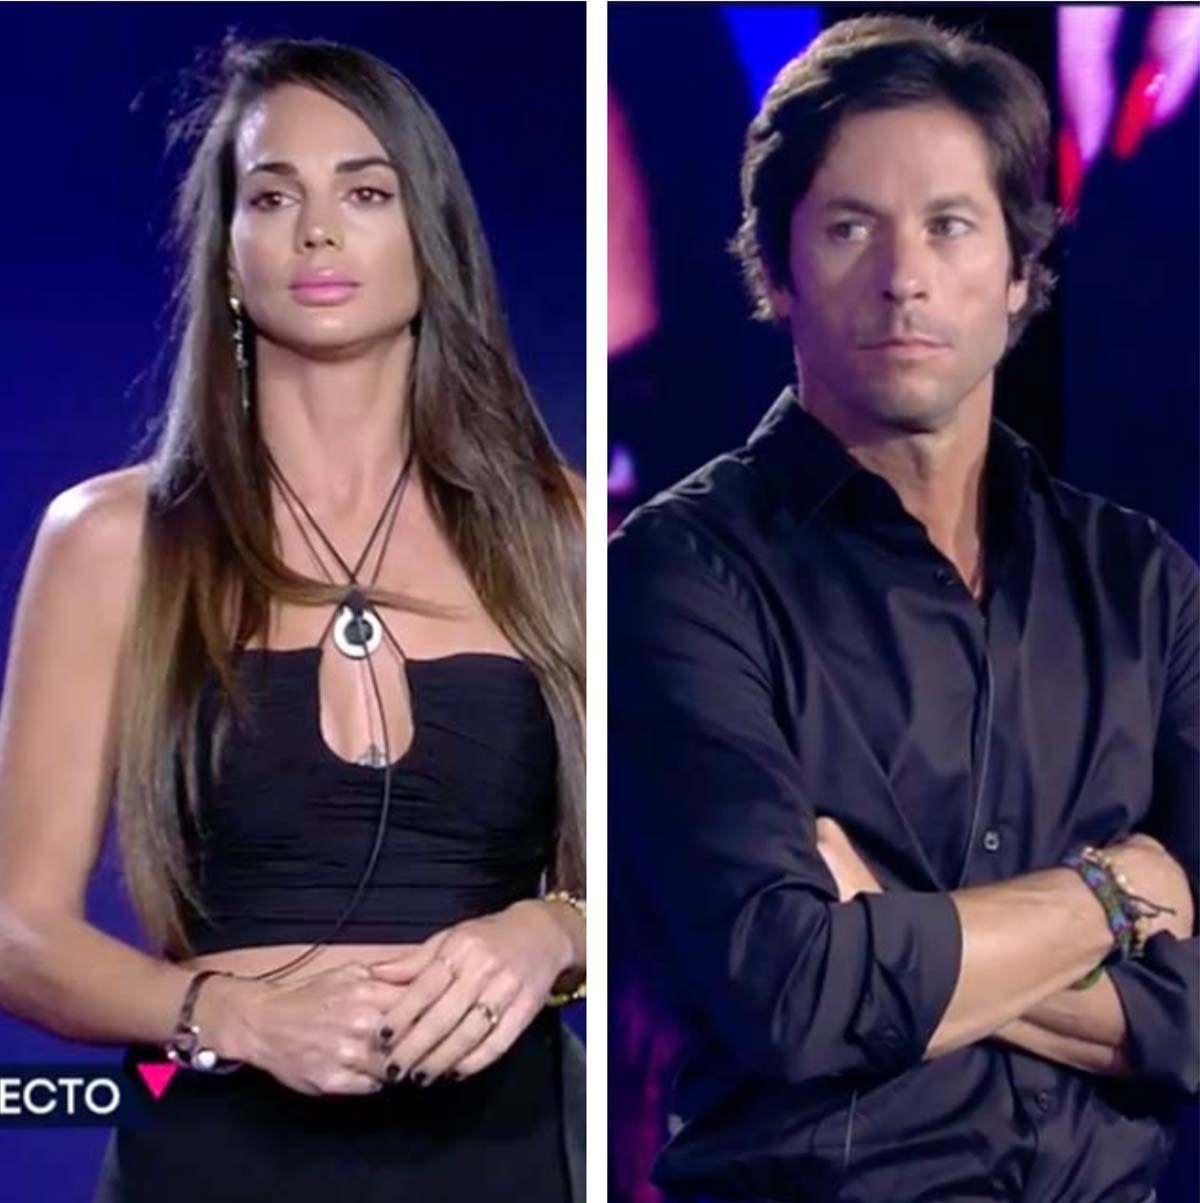 Cynthia y Canales Rivera protagonizan un emotivo cara a cara